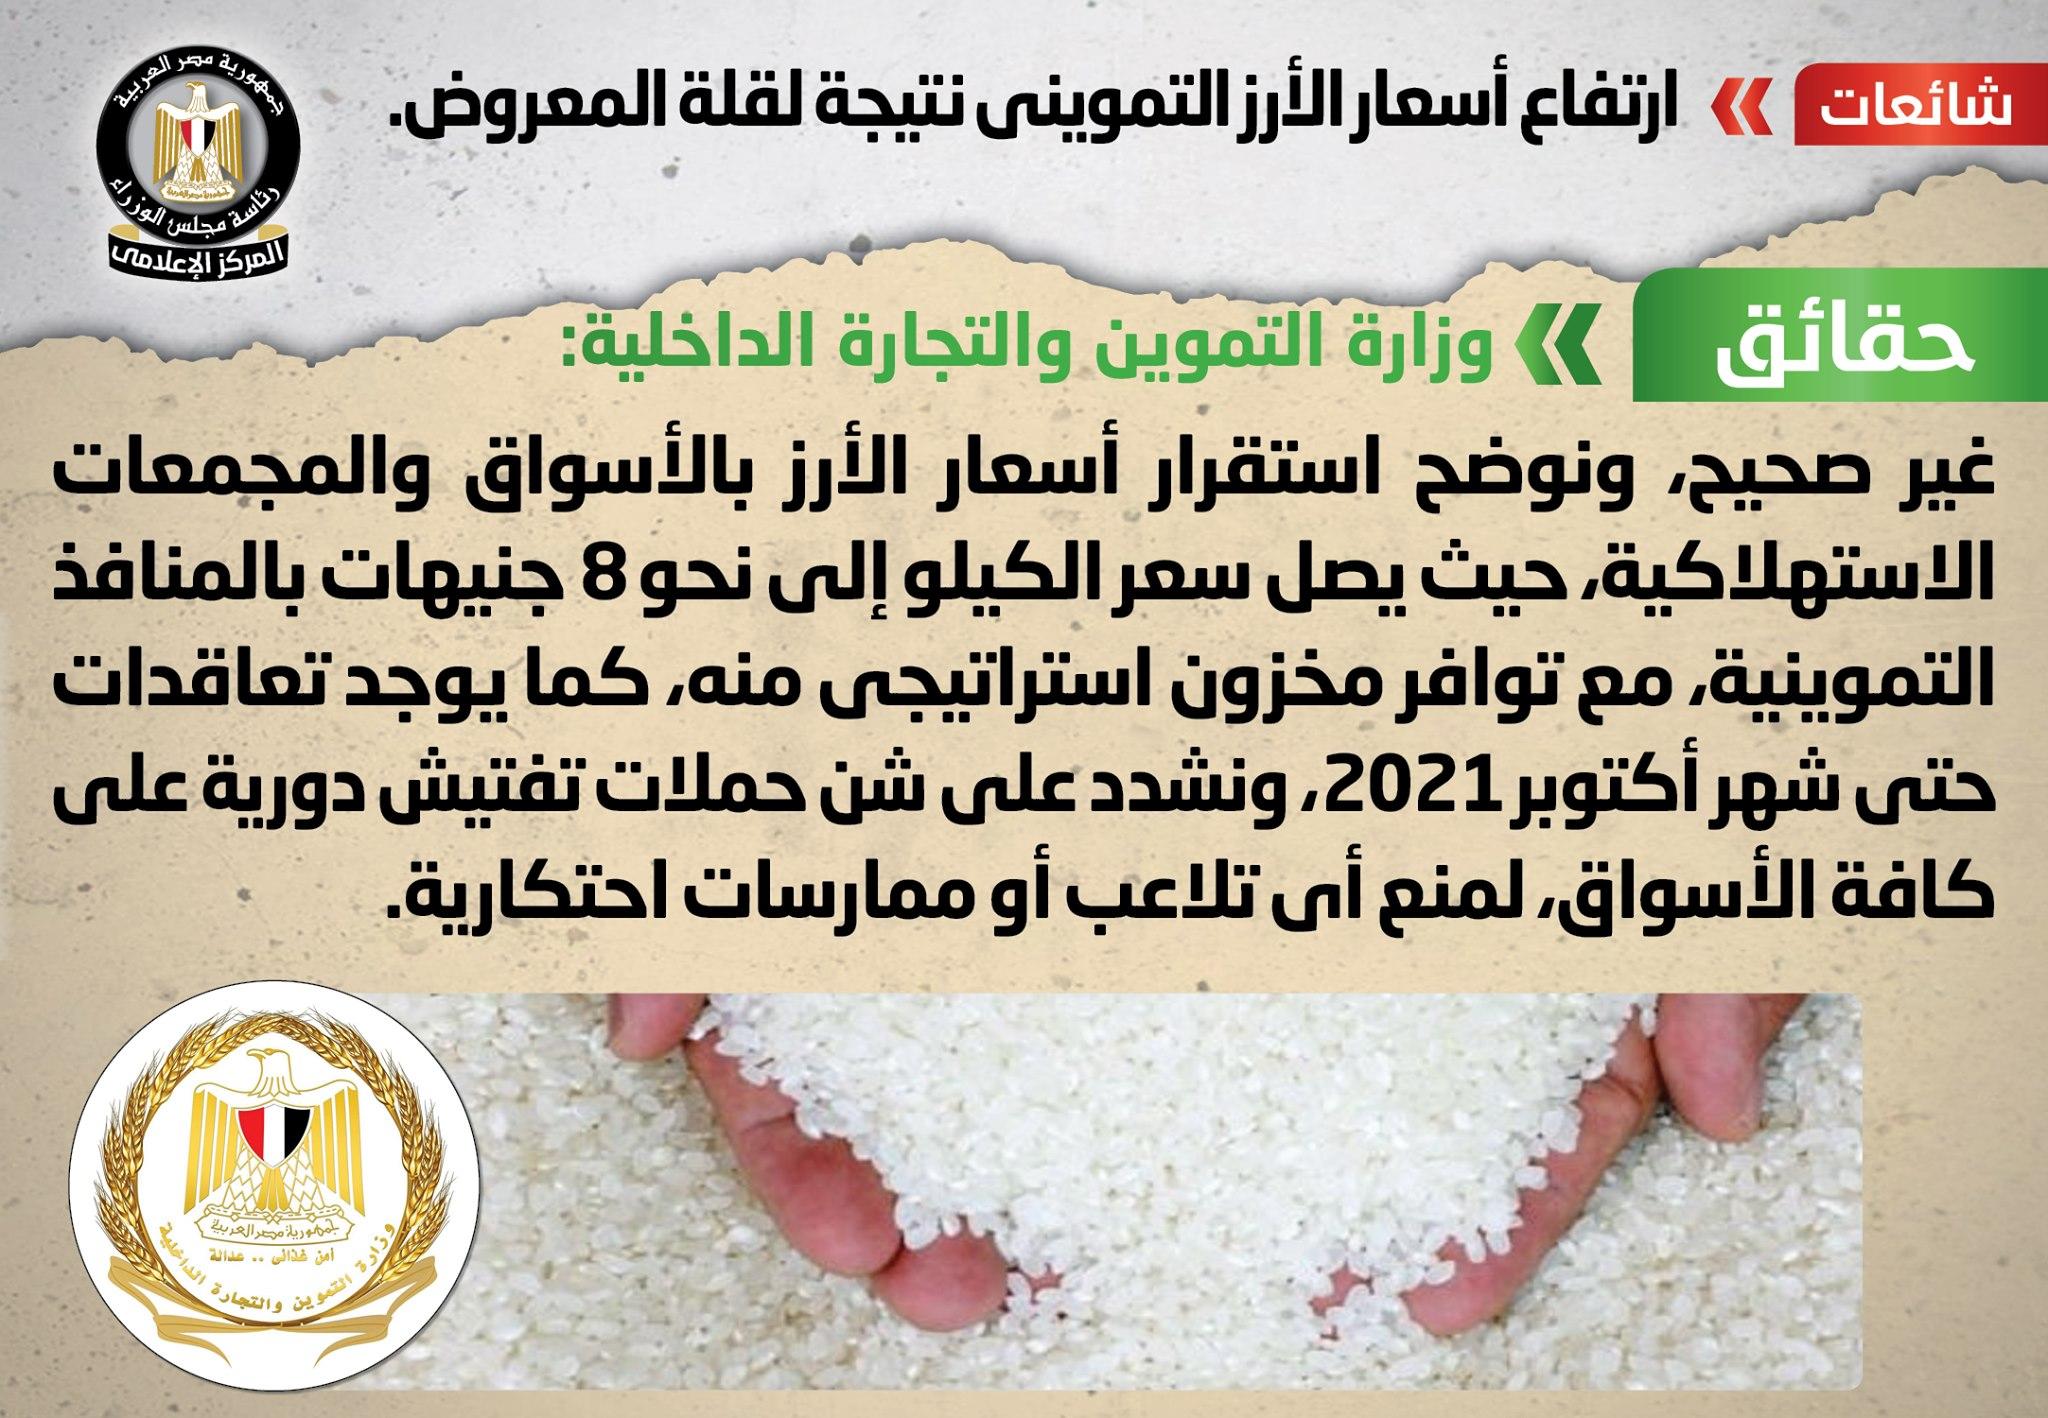 بيان رسمي من مجلس الوزراء.. سعر كيلو الأرز اليوم 4